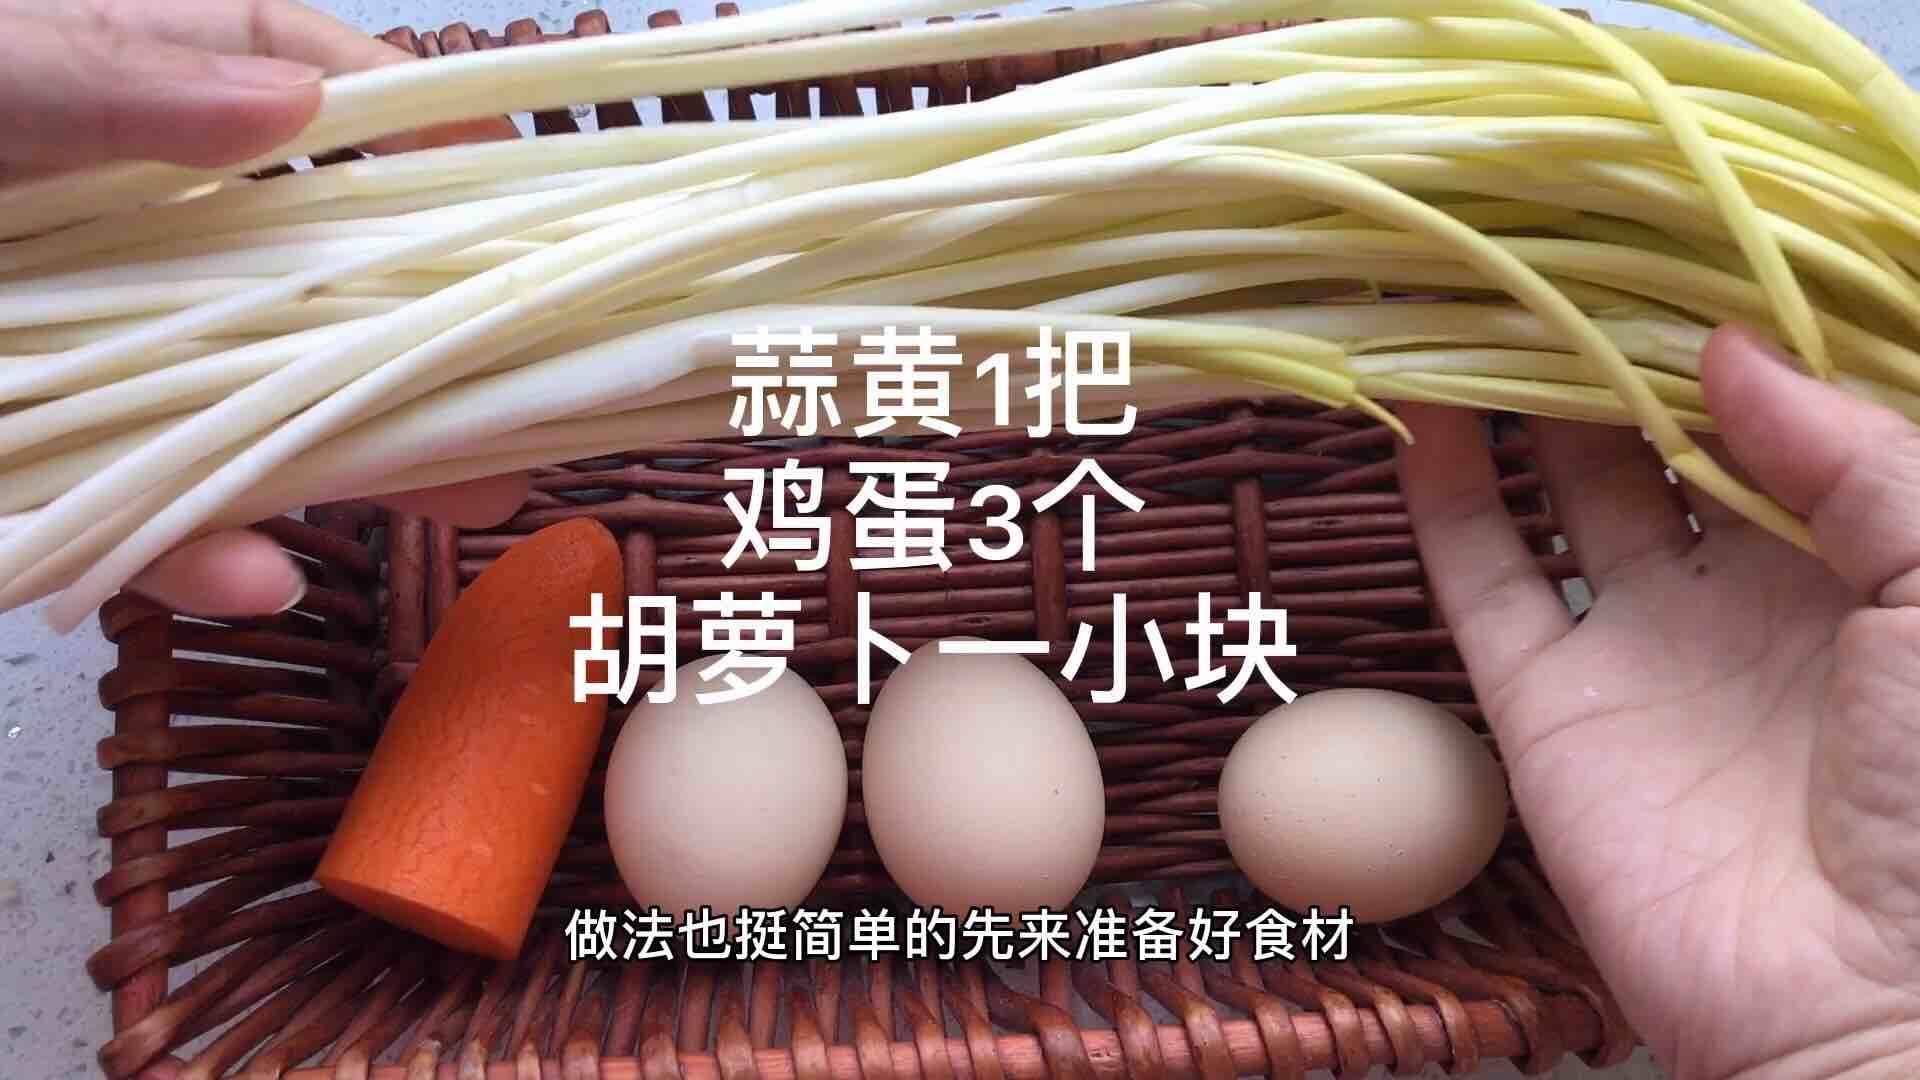 蒜黄炒鸡蛋,自带清香,简单又营养,5分钟上桌的做法大全